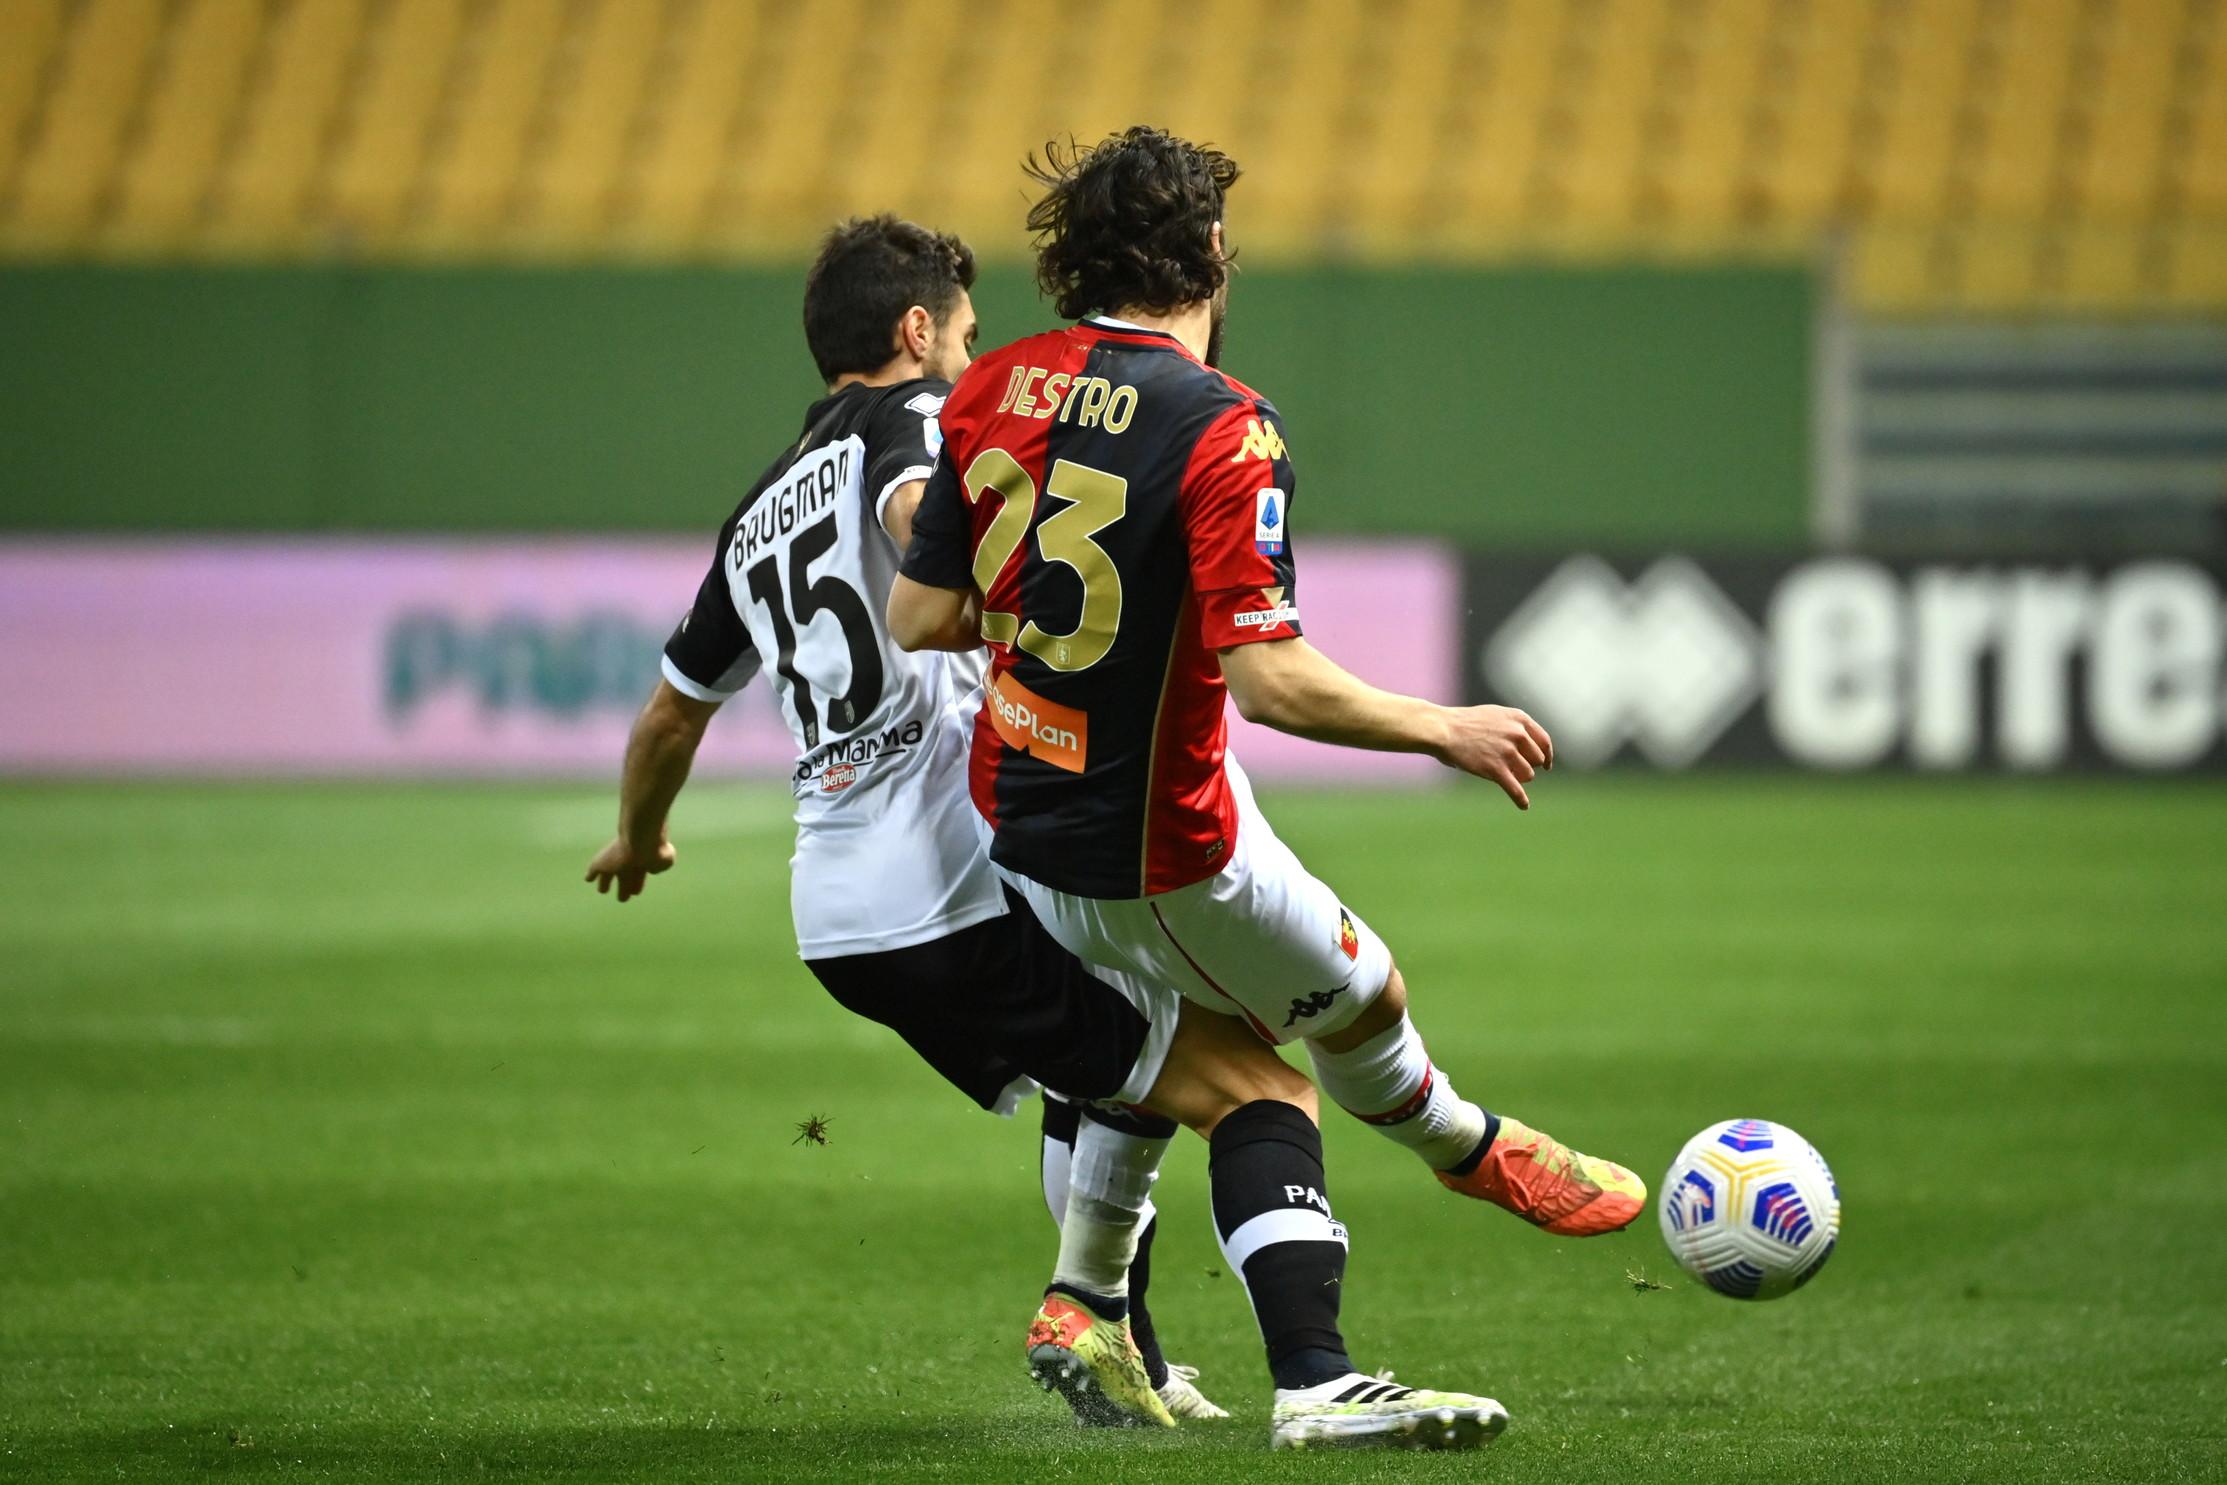 Le migliori foto di Parma-Genoa 1-2<br /><br />